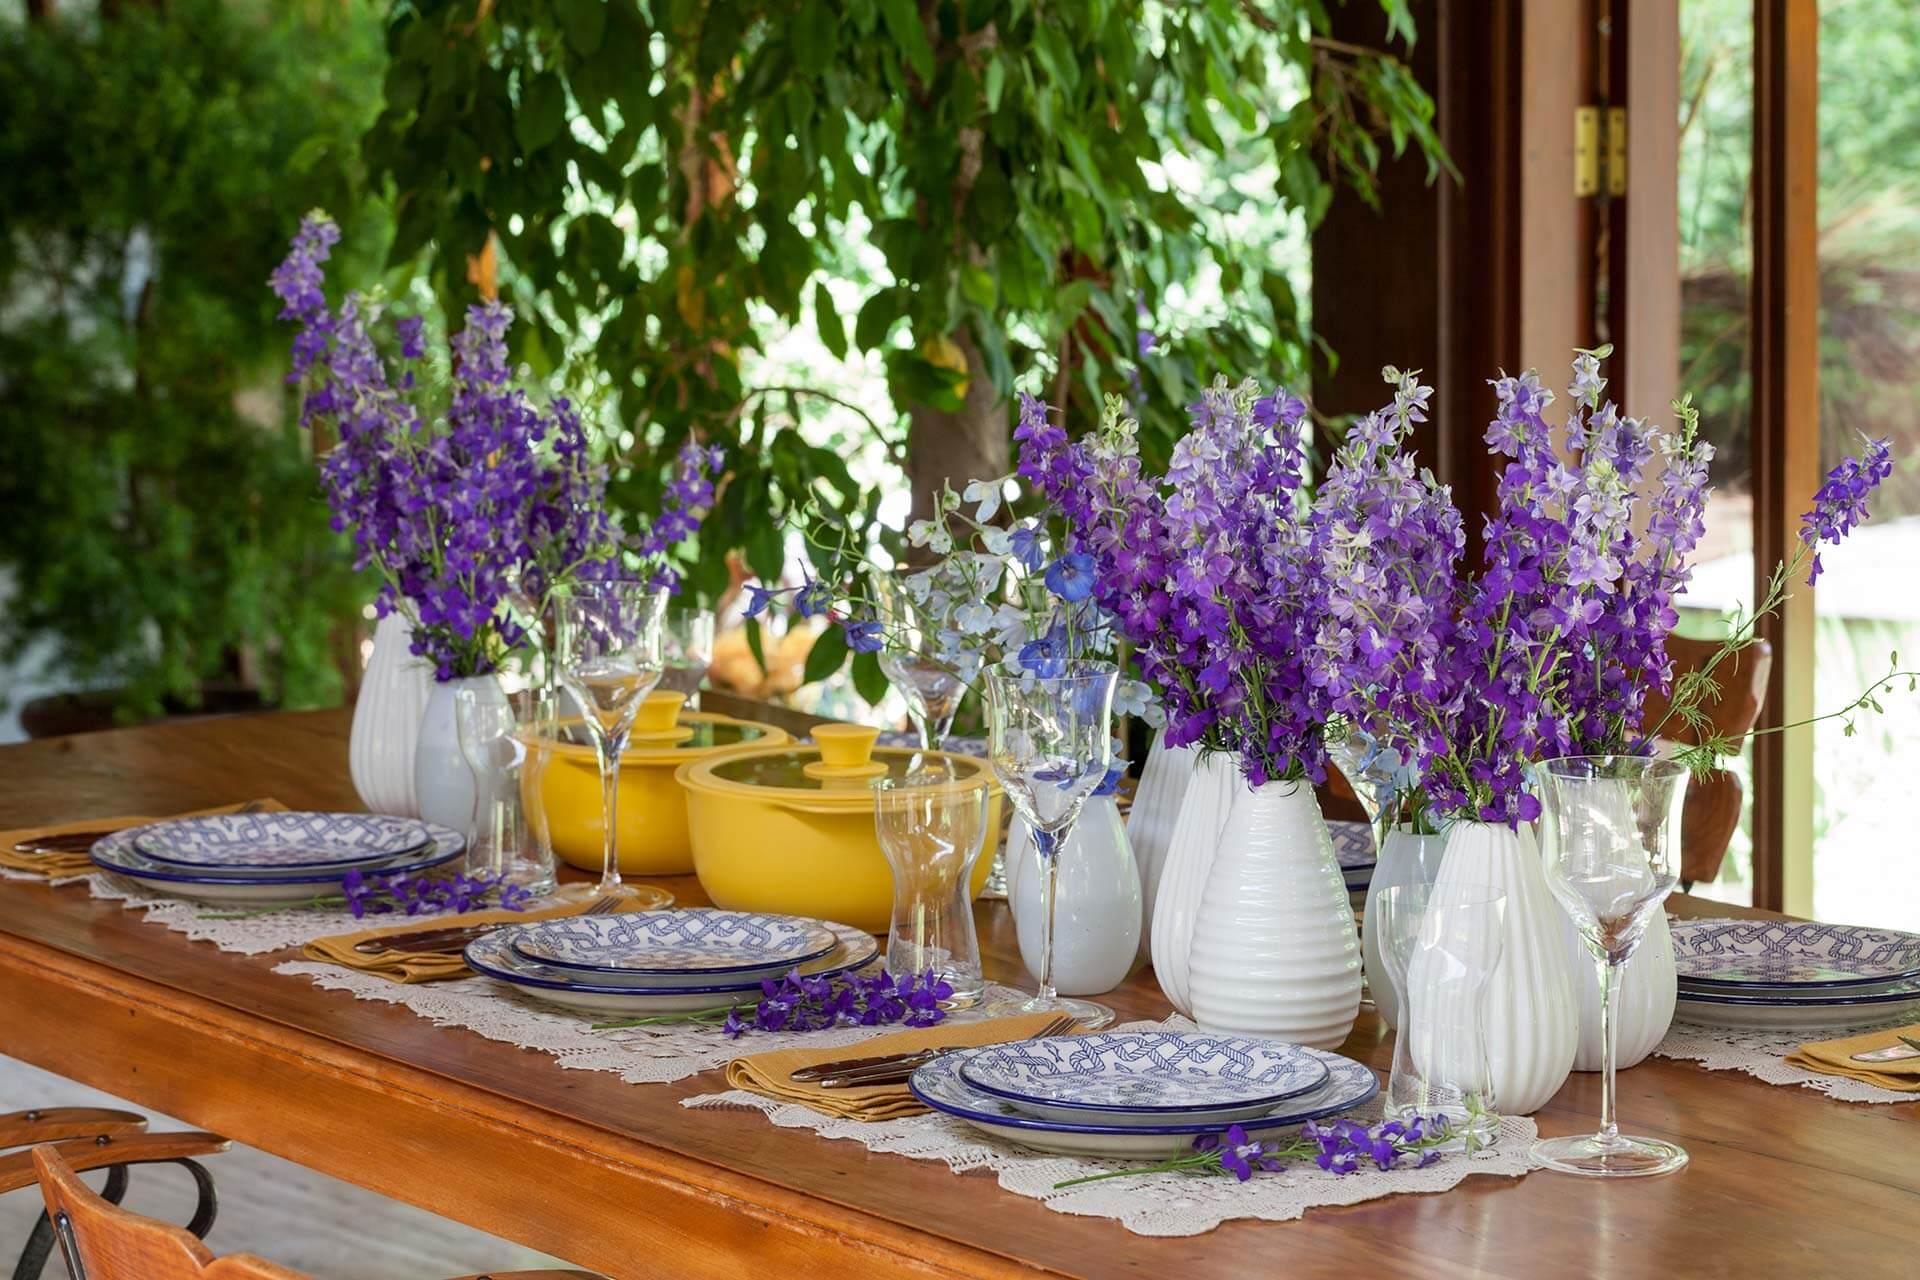 Imagem: O contraste entre cores fortes chama a atenção nessa mesa para almoço. Tons de azul, amarelo e roxo estão em perfeita harmonia na composição. Foto: Julia Ribeiro.